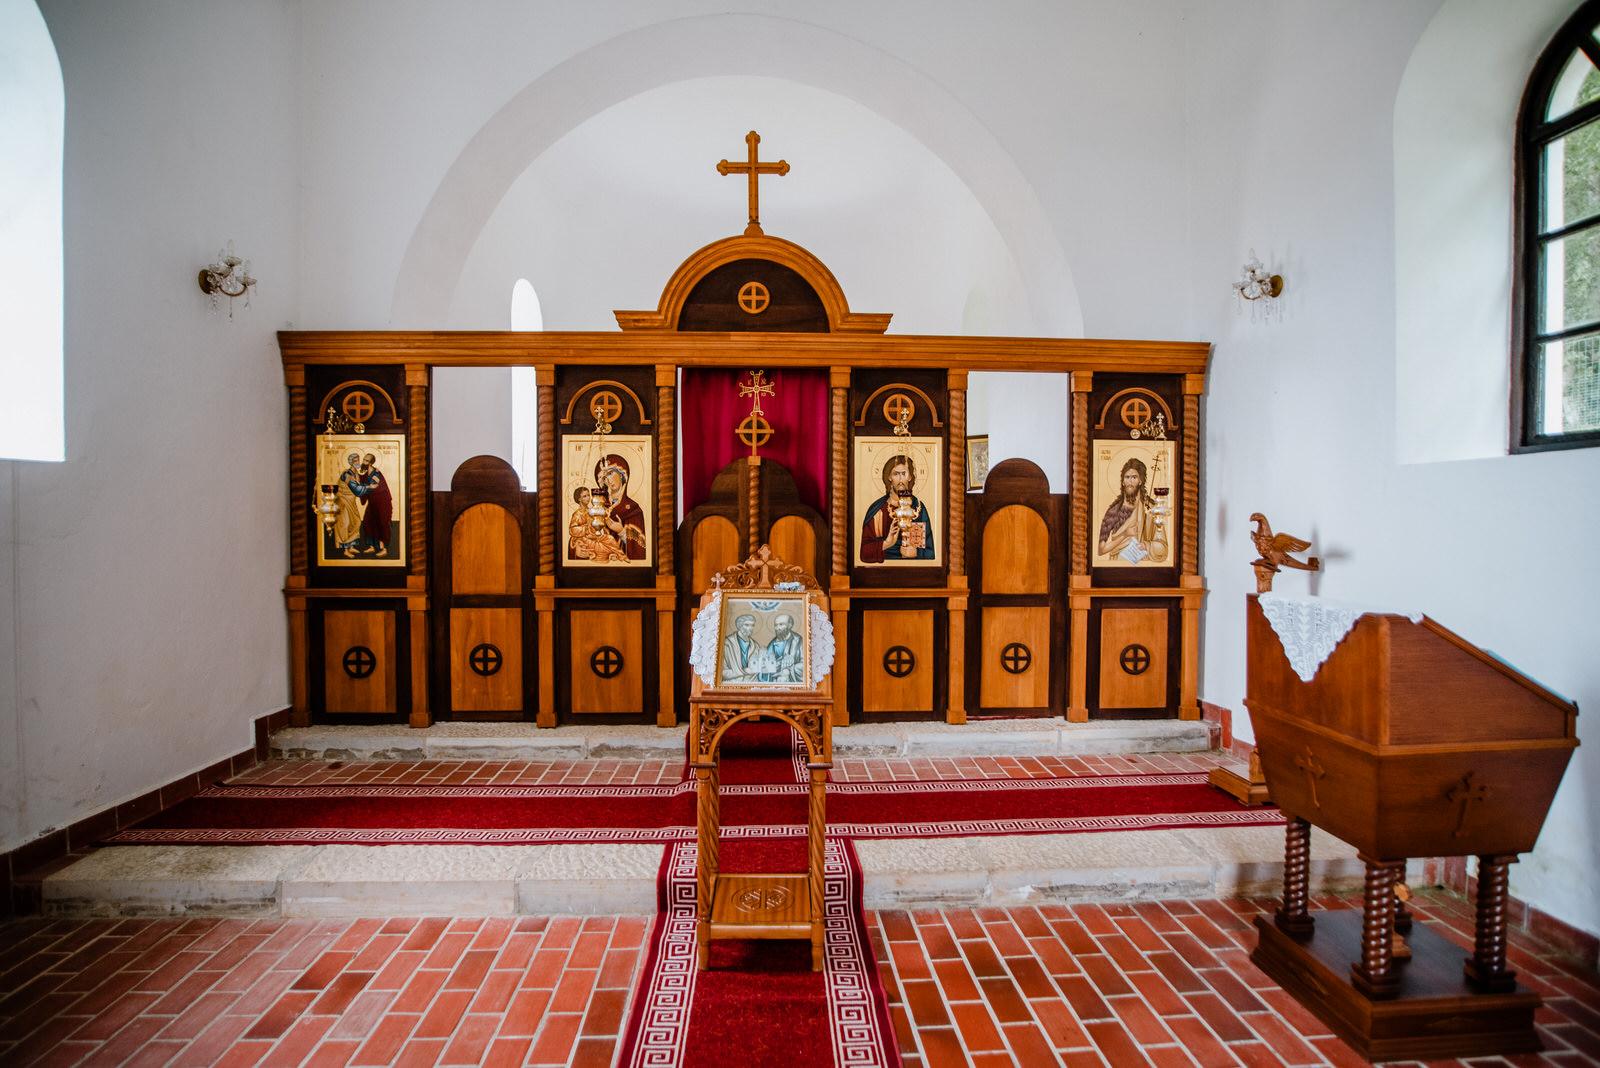 likaclub_smiljan_crkva-nikola-tesla_2019-6